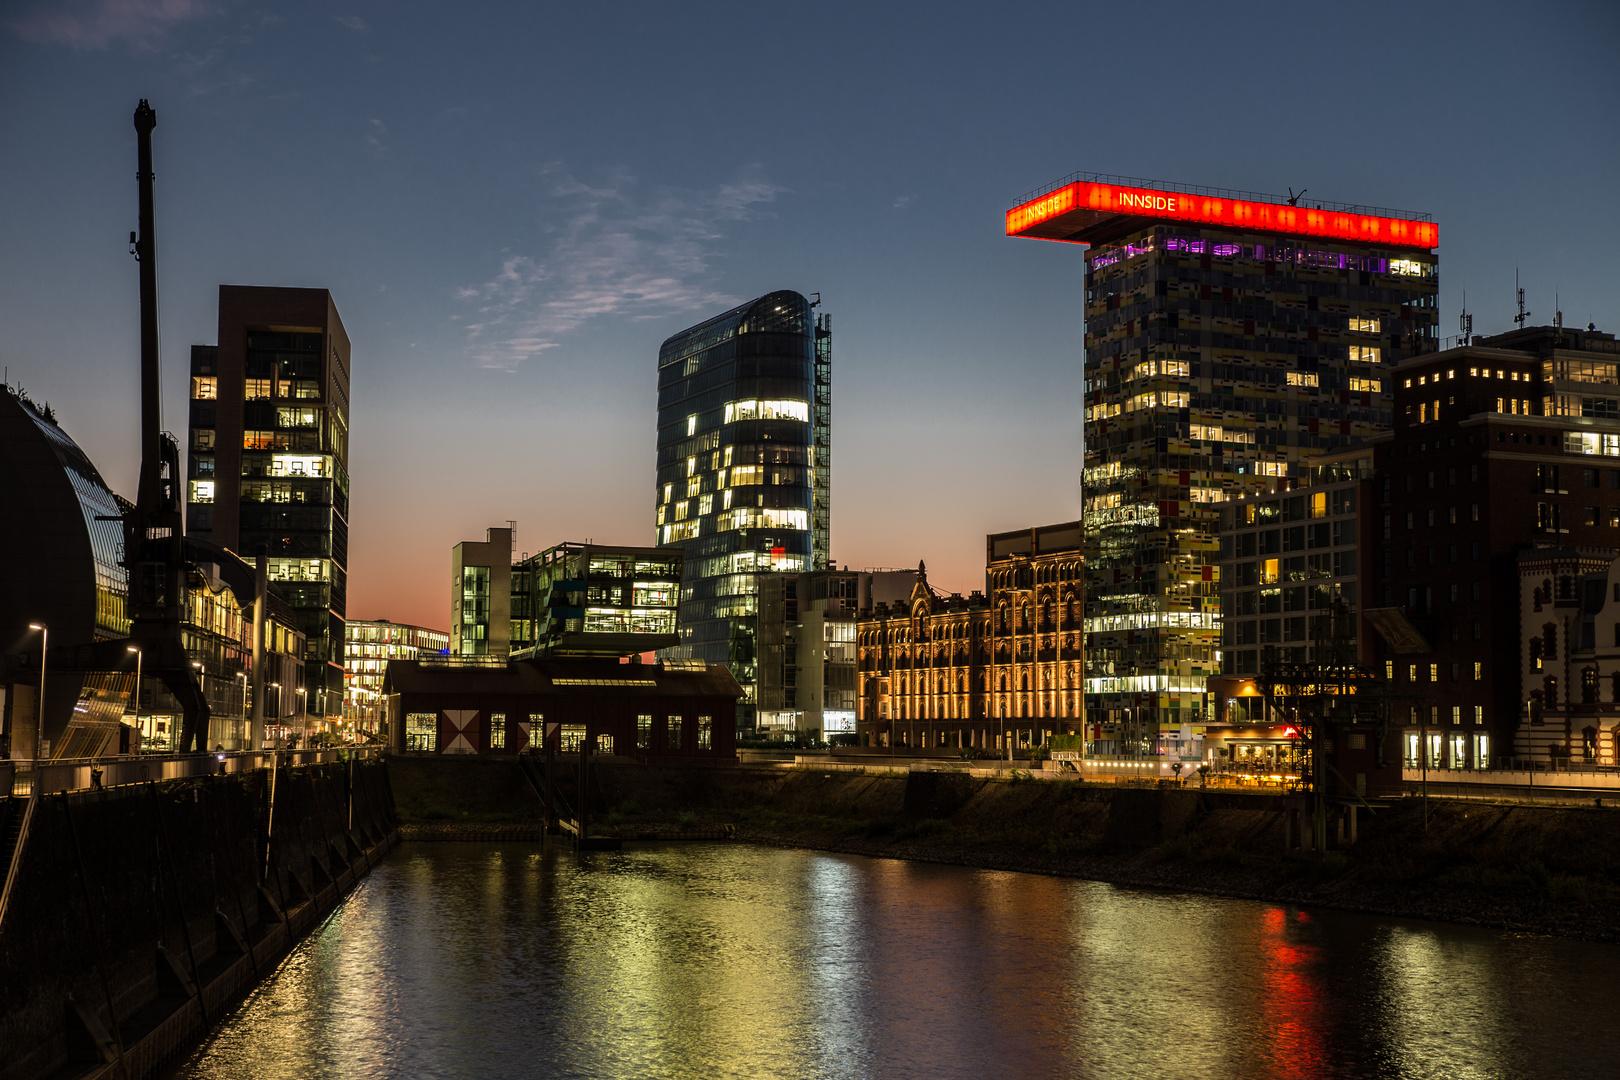 Medienhafen, Abend